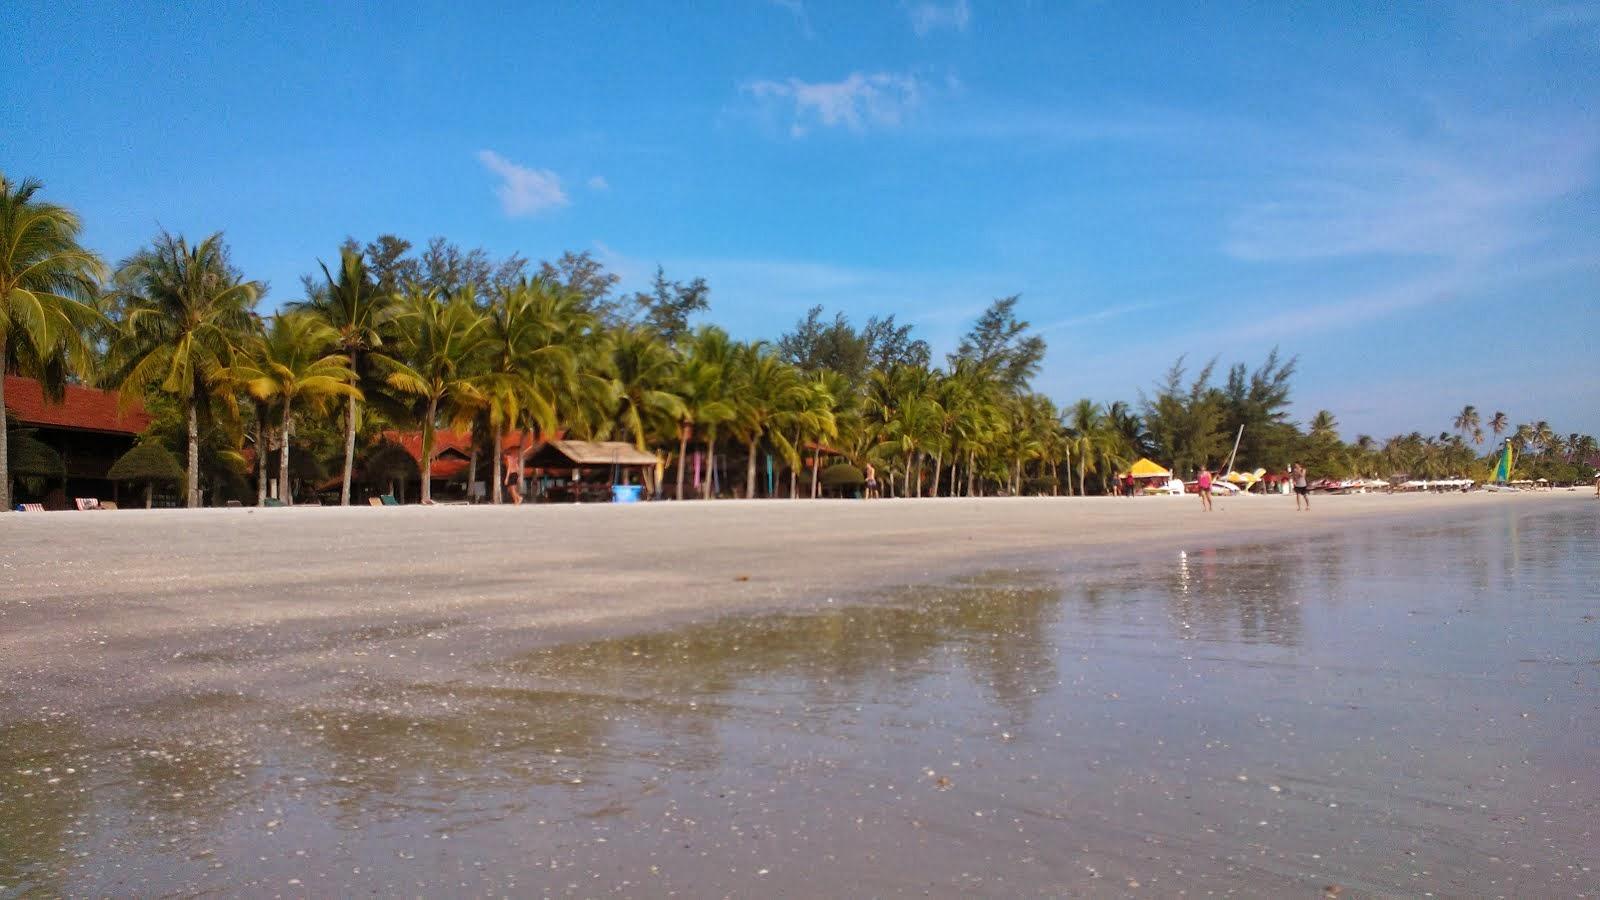 Pantai Cenang Beach - Langkawi - Malaysia